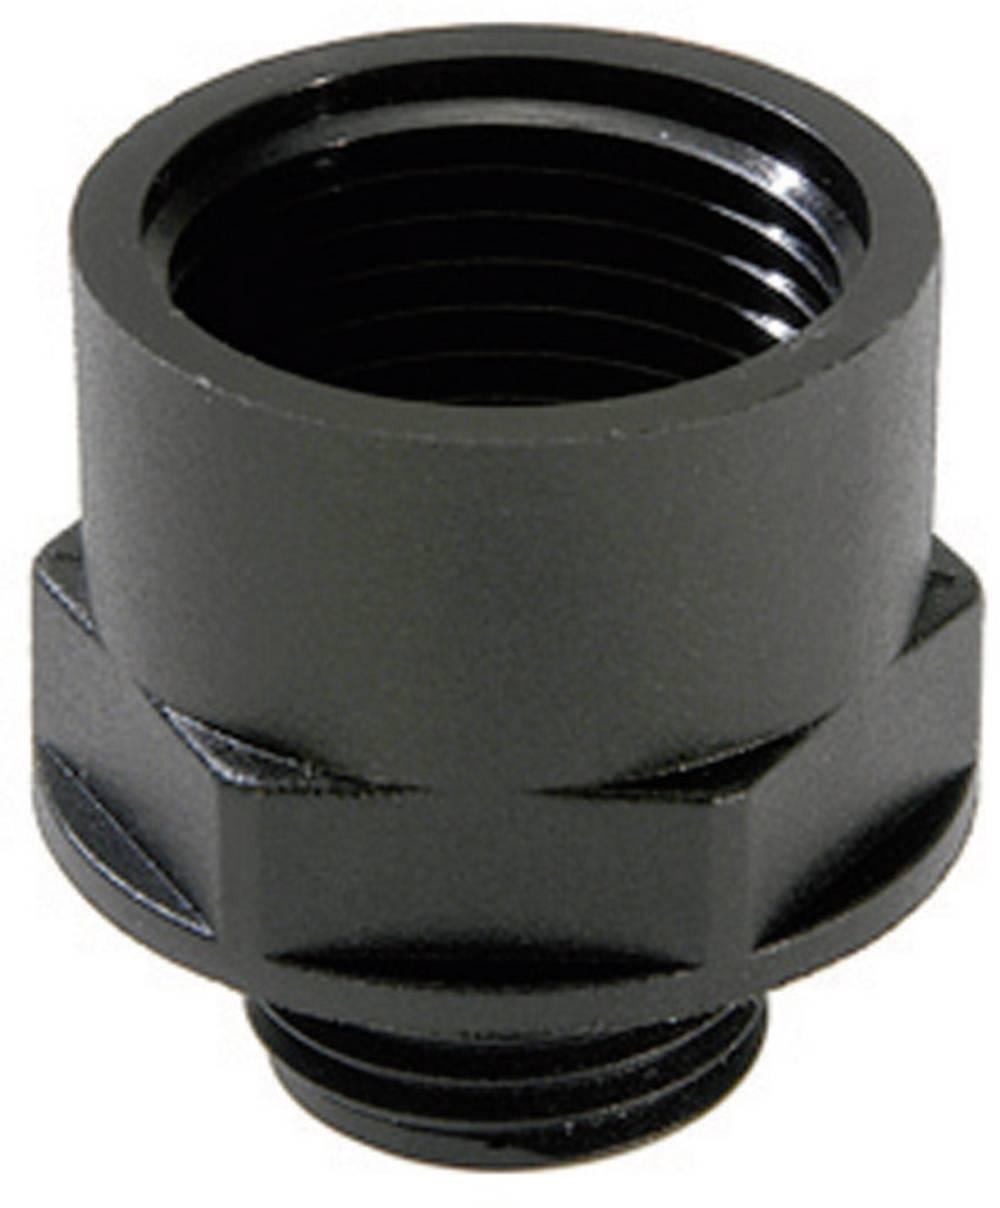 Kabelforskruning adapter Wiska 10064758 M25 Polyamid Sort (RAL 9005) 1 stk